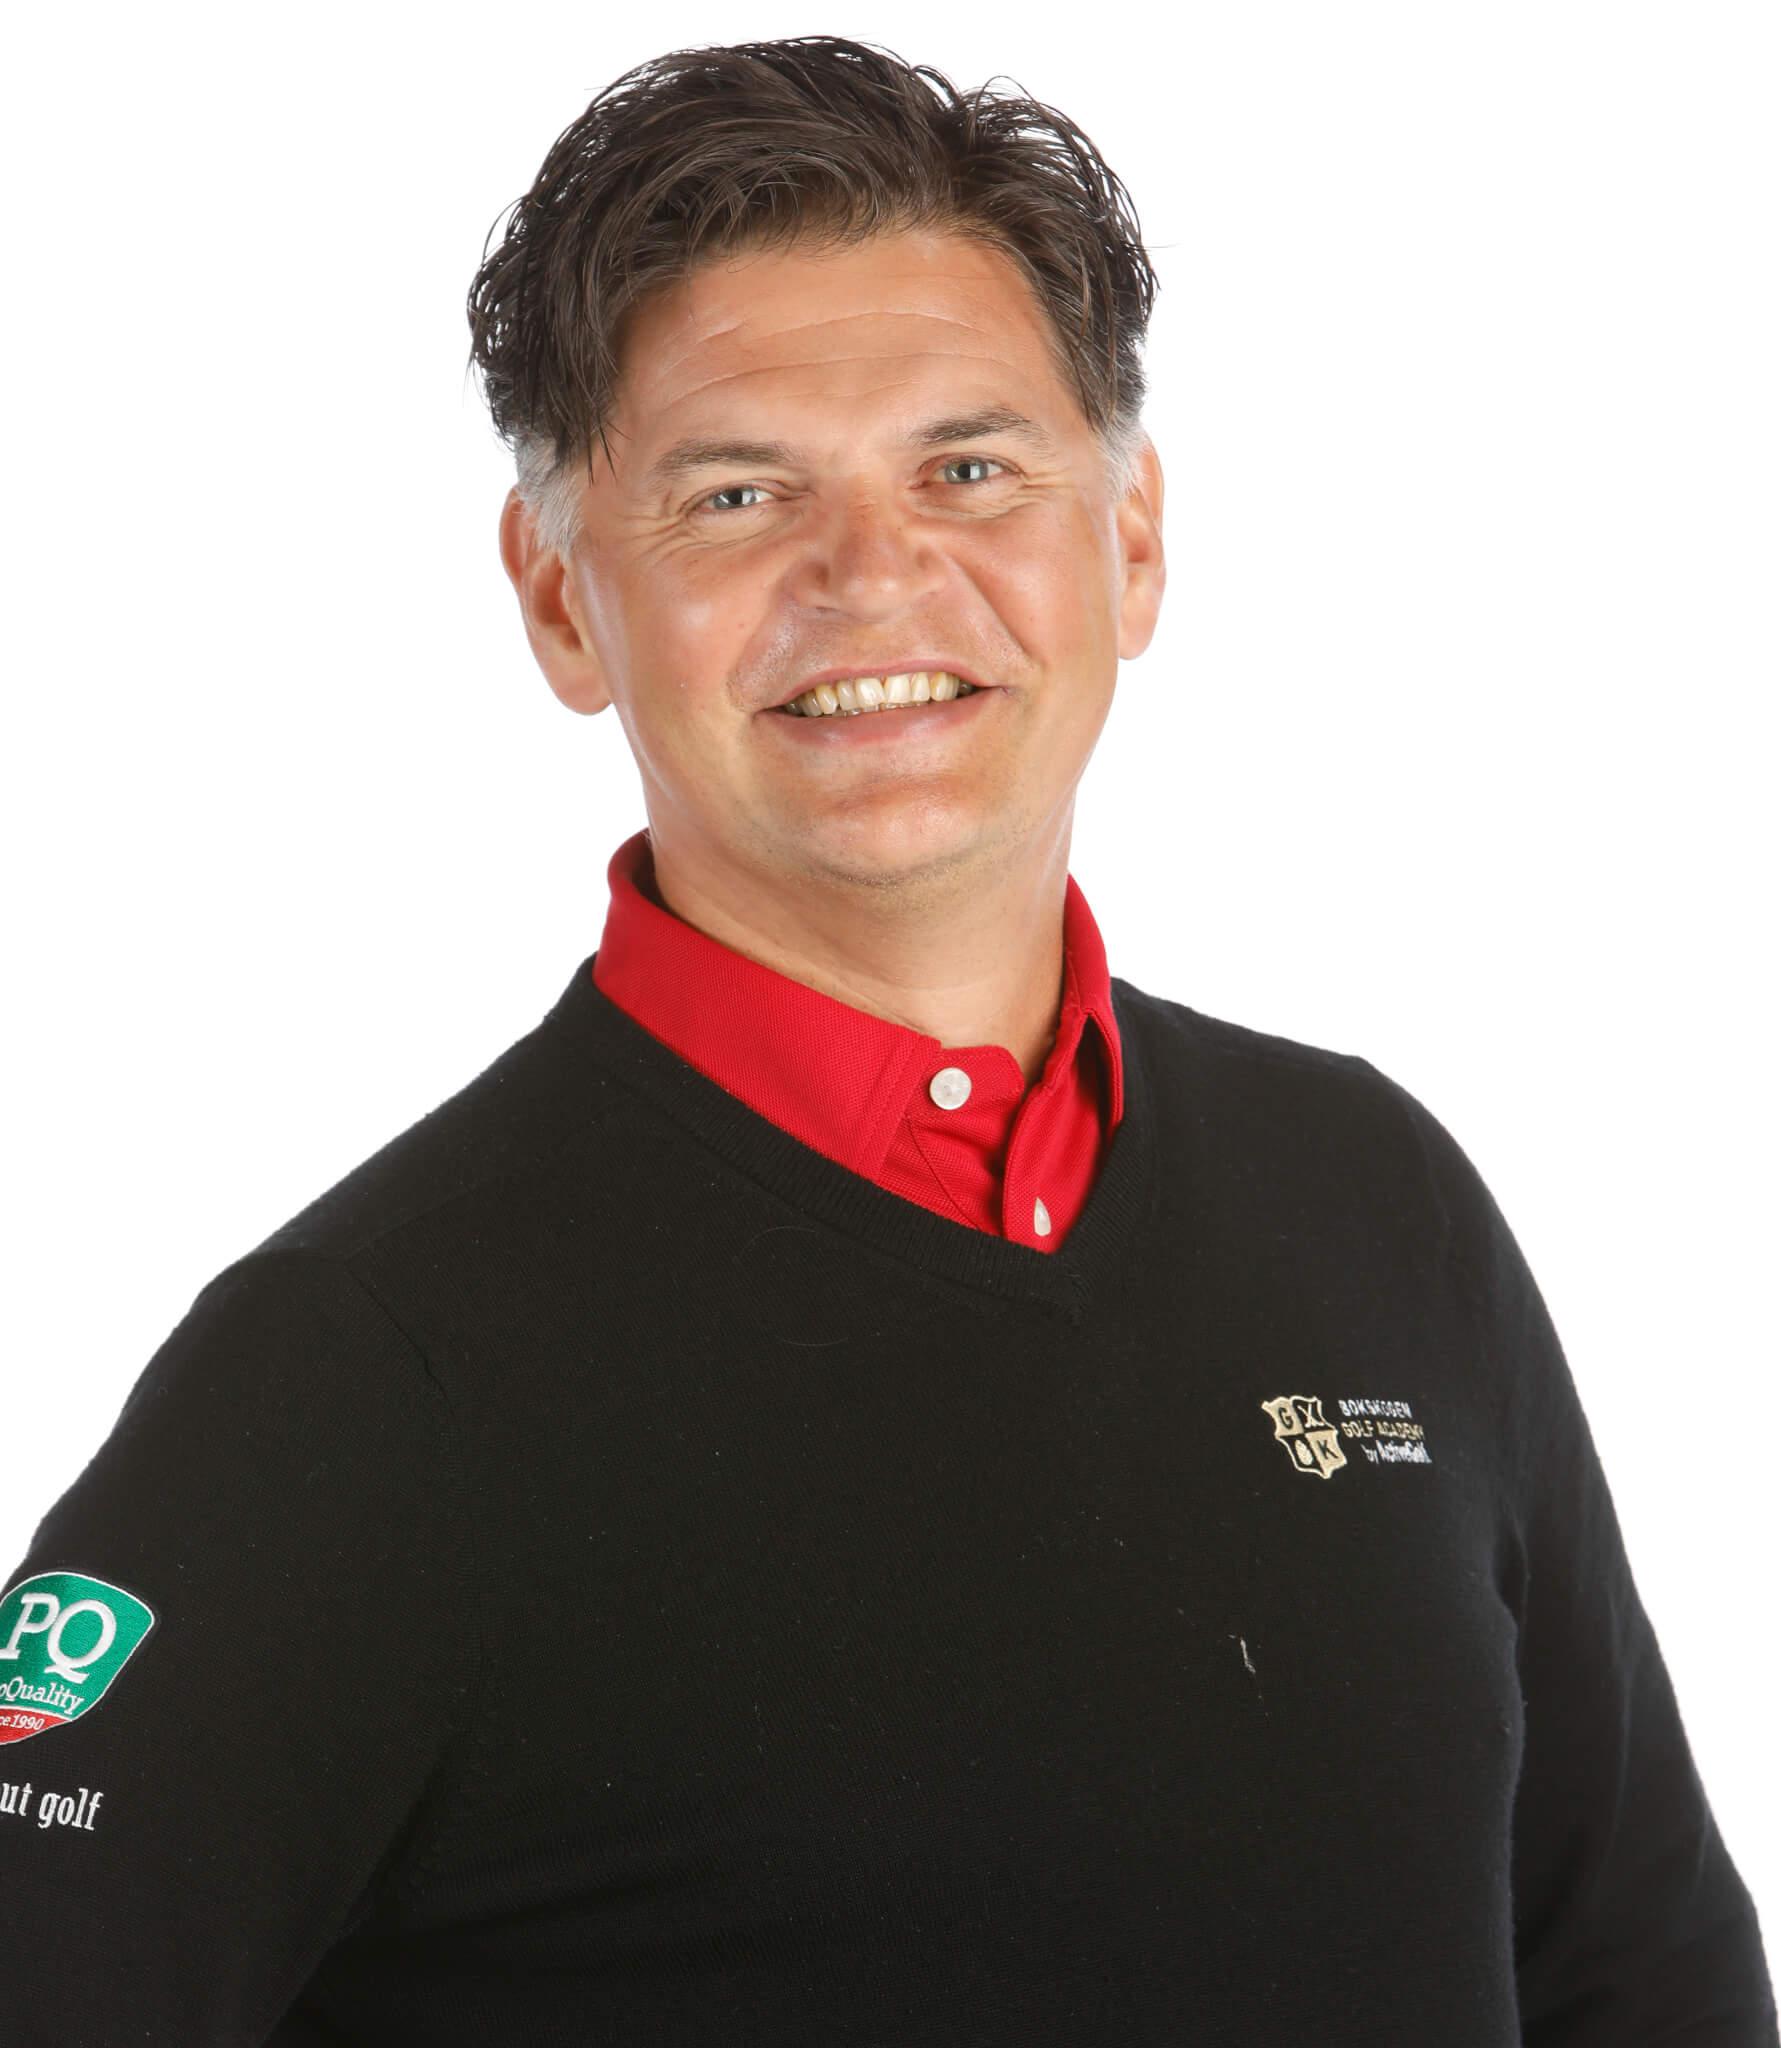 Fredrik Tillgren